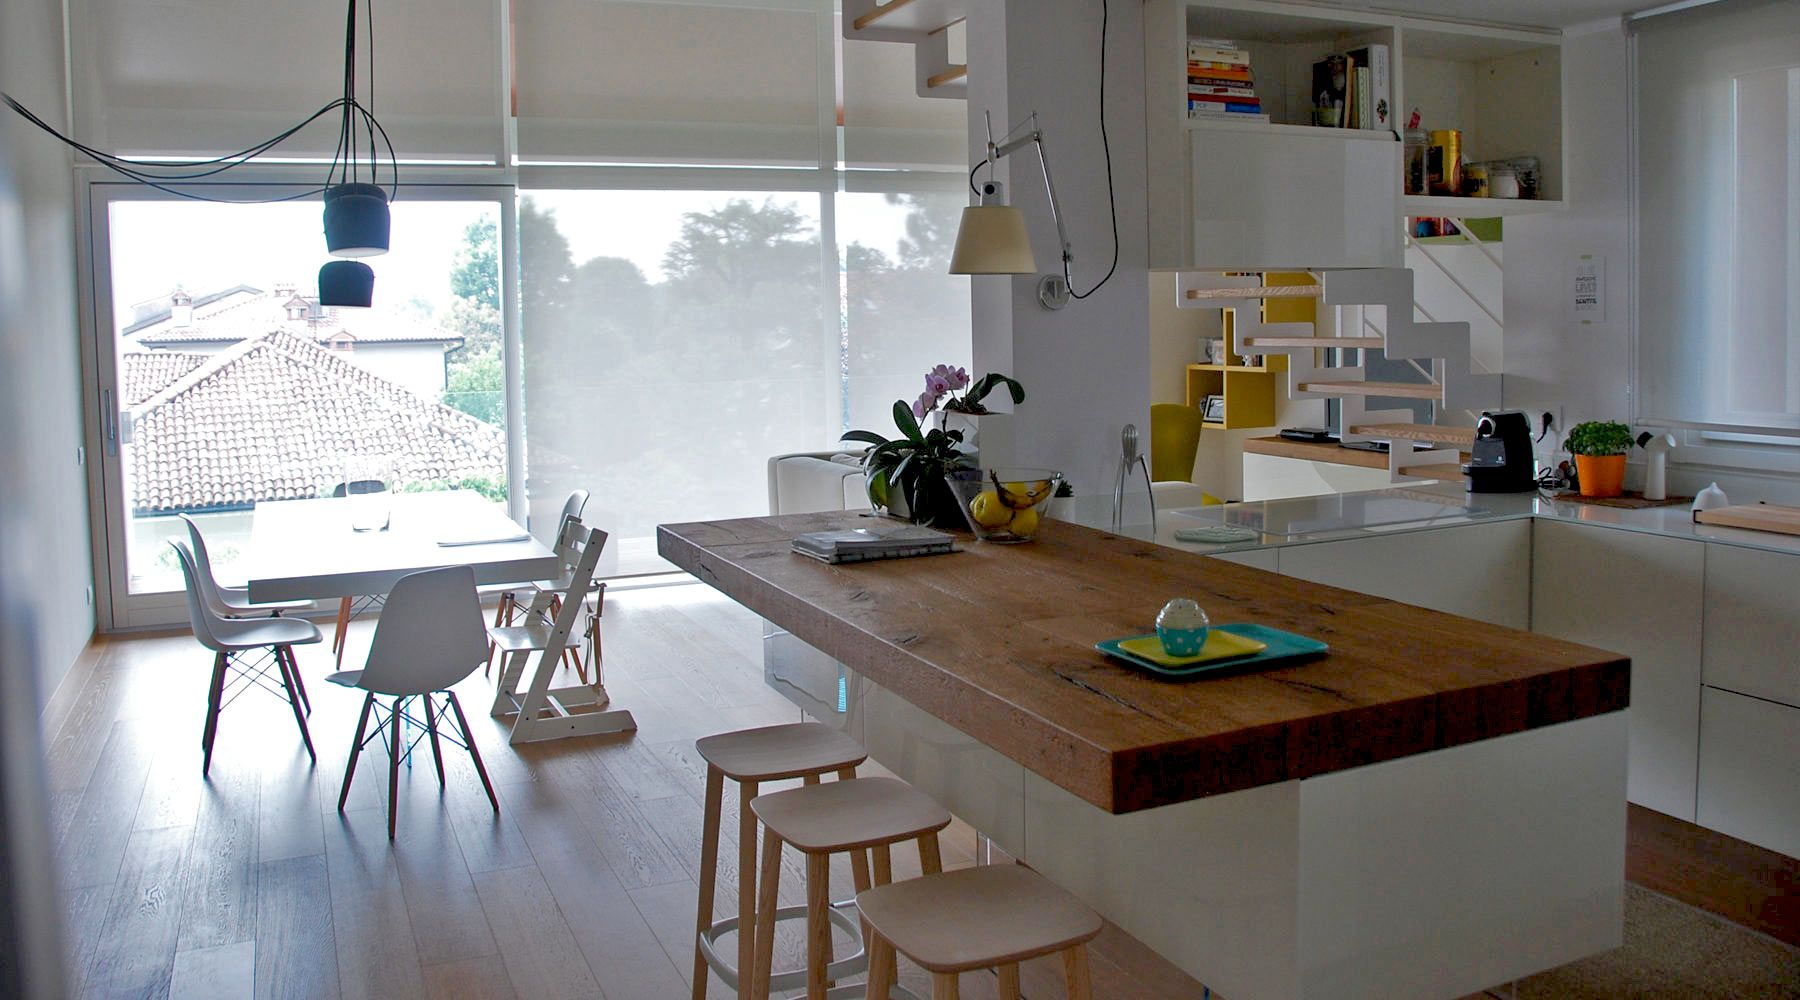 Appartamento Lago Vimercate è una casa contemporanea arredata con ...